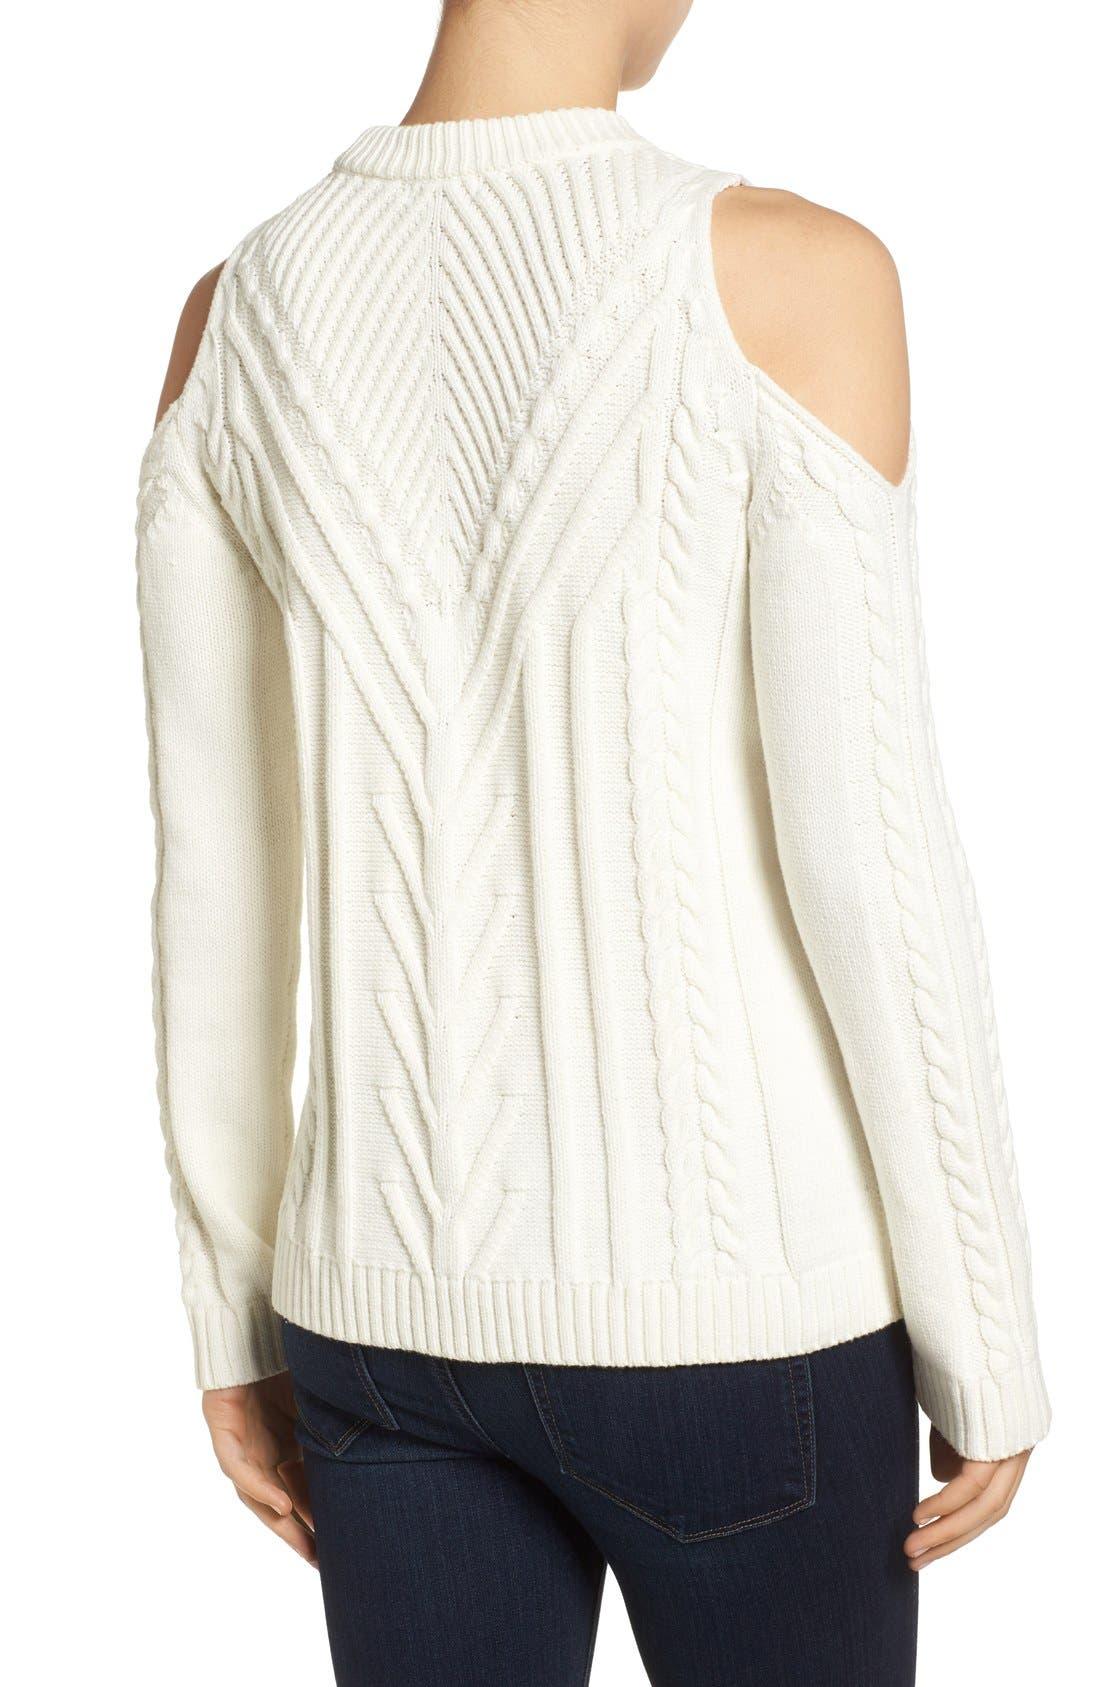 Alternate Image 2  - Vince Camuto Cold Shoulder Sweater (Regular & Petite)